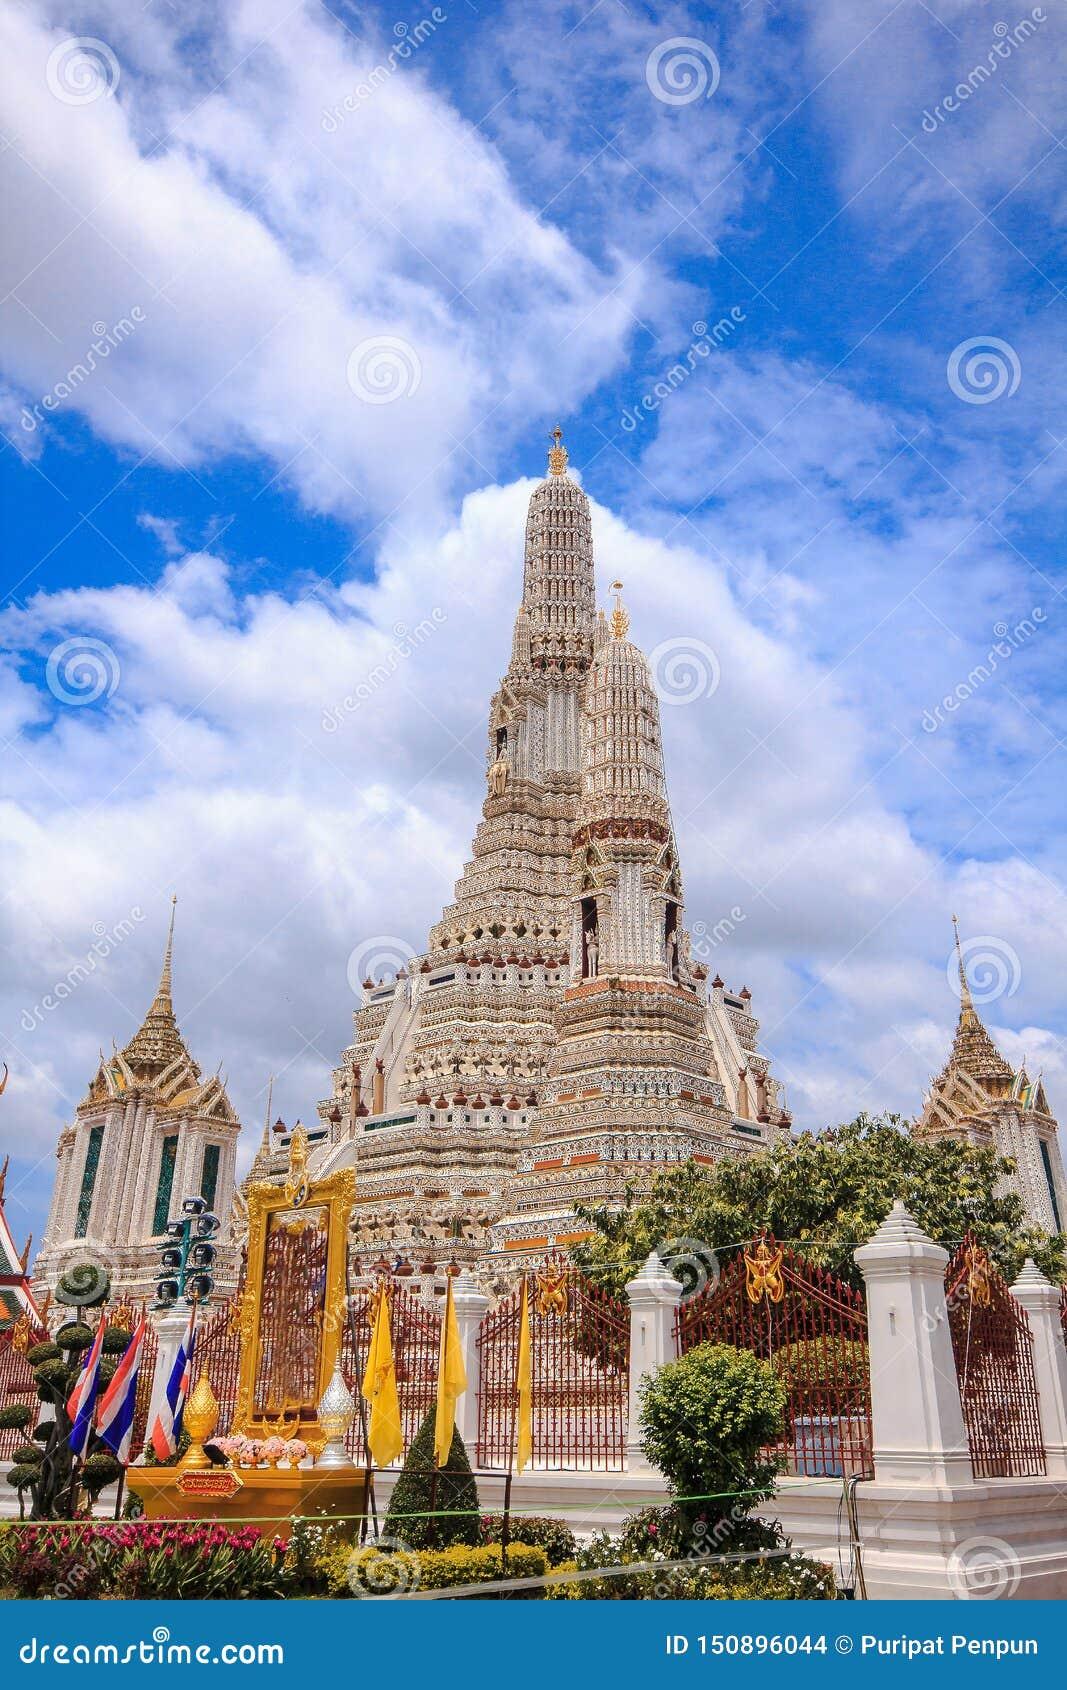 Arunratchawararam-Tempel ist ein wichtiges und ein alt